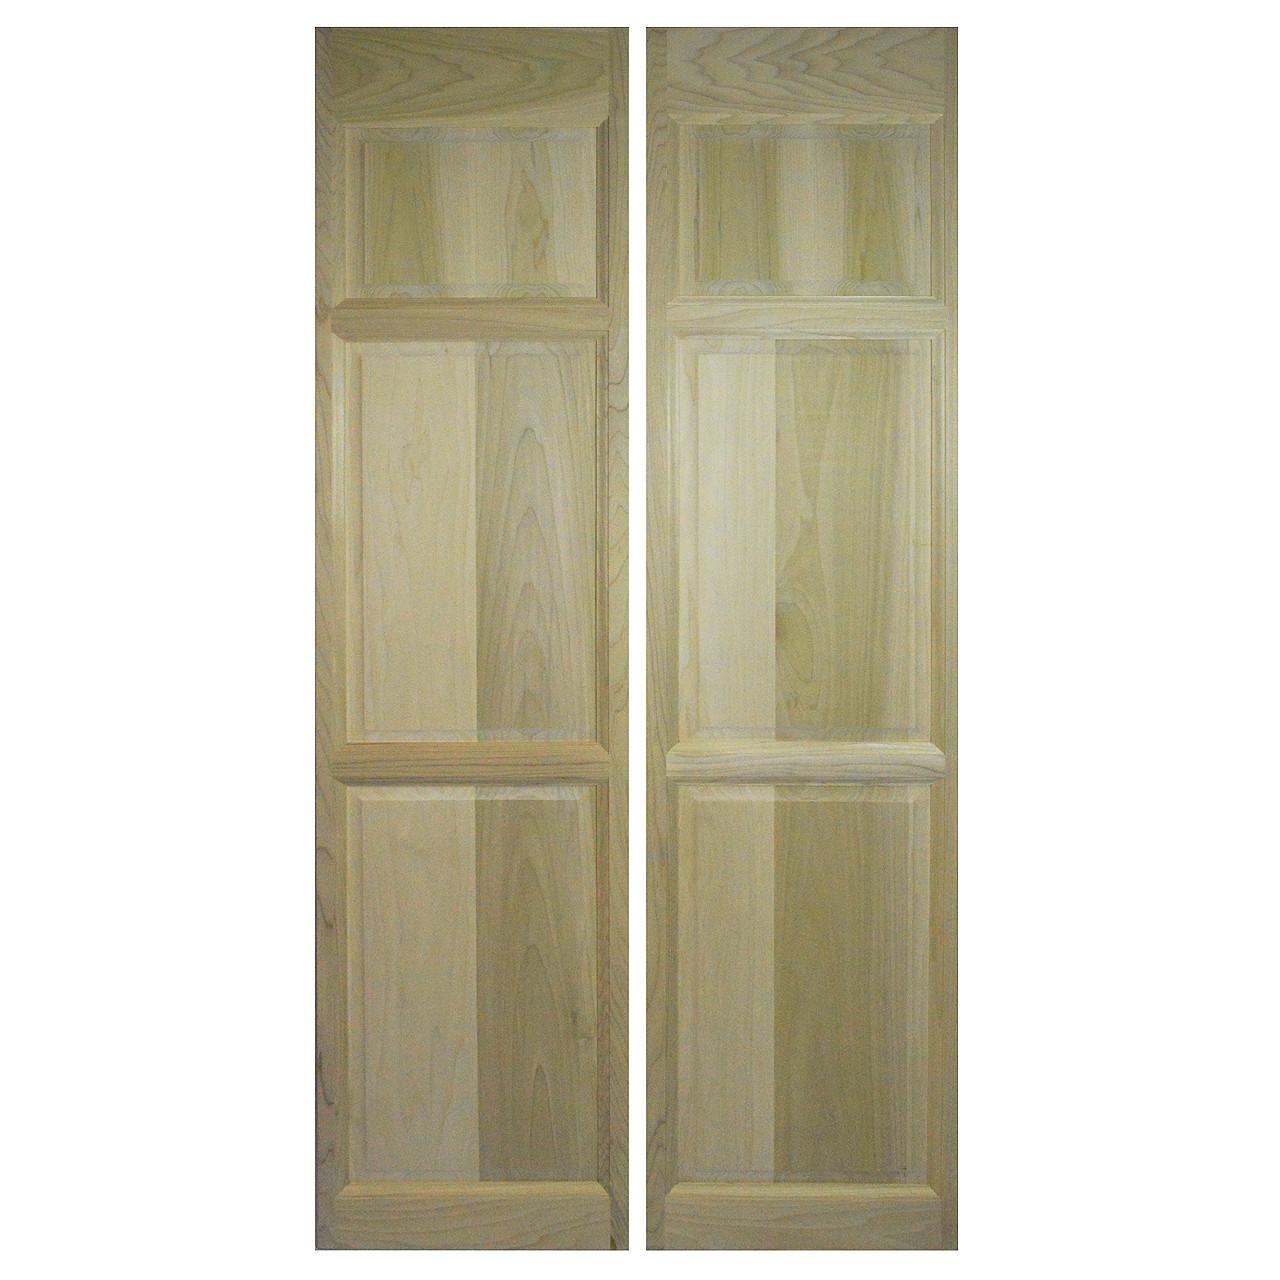 """Interior Swinging Kitchen Doors: Custom Full Length Poplar Swinging Cafe Doors / Saloon Interior Doors For 42""""-48"""" Door Openings"""